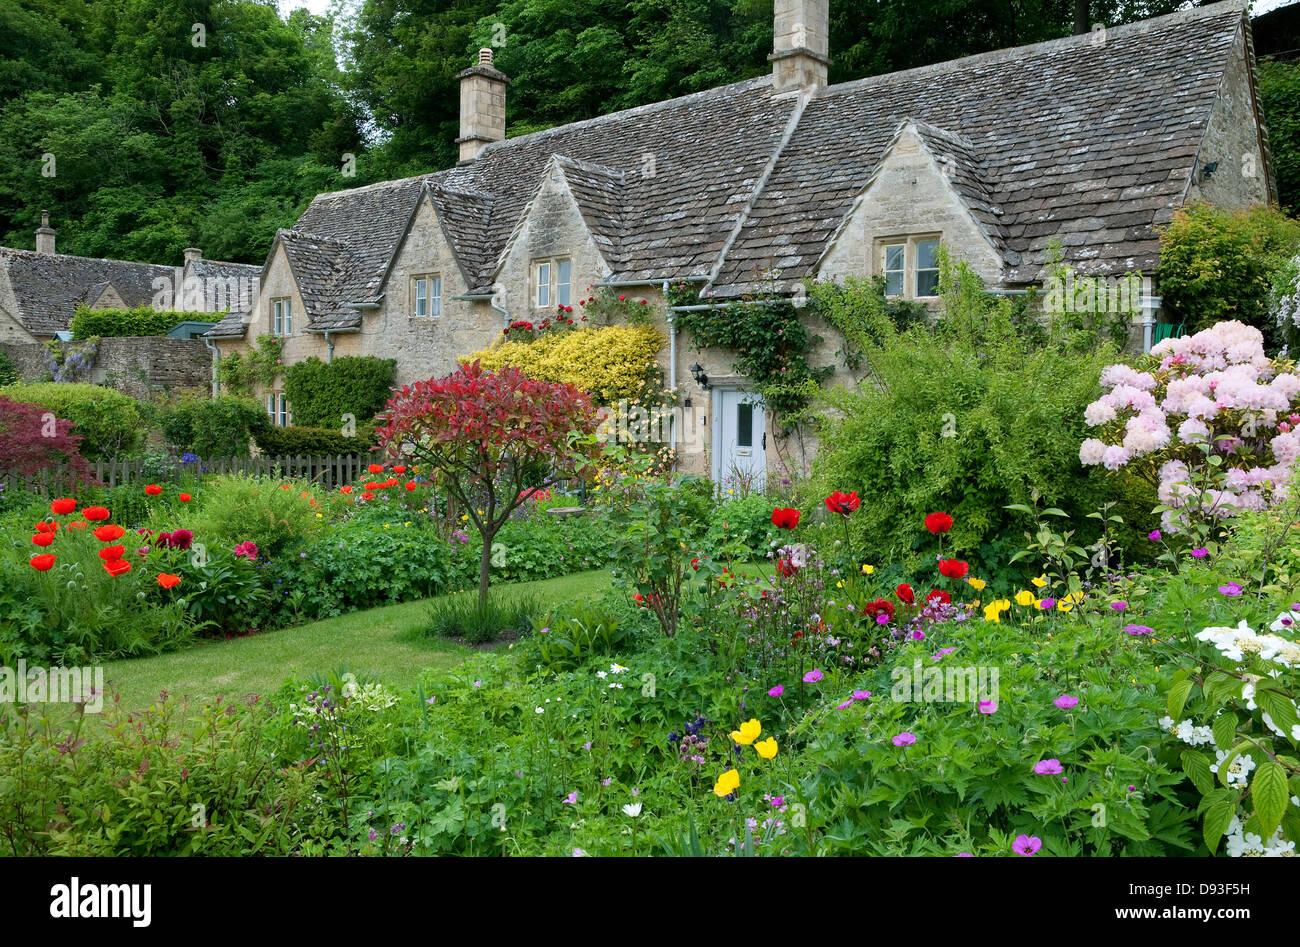 cottage garden, bibury, gloucestershire, england - Stock Image